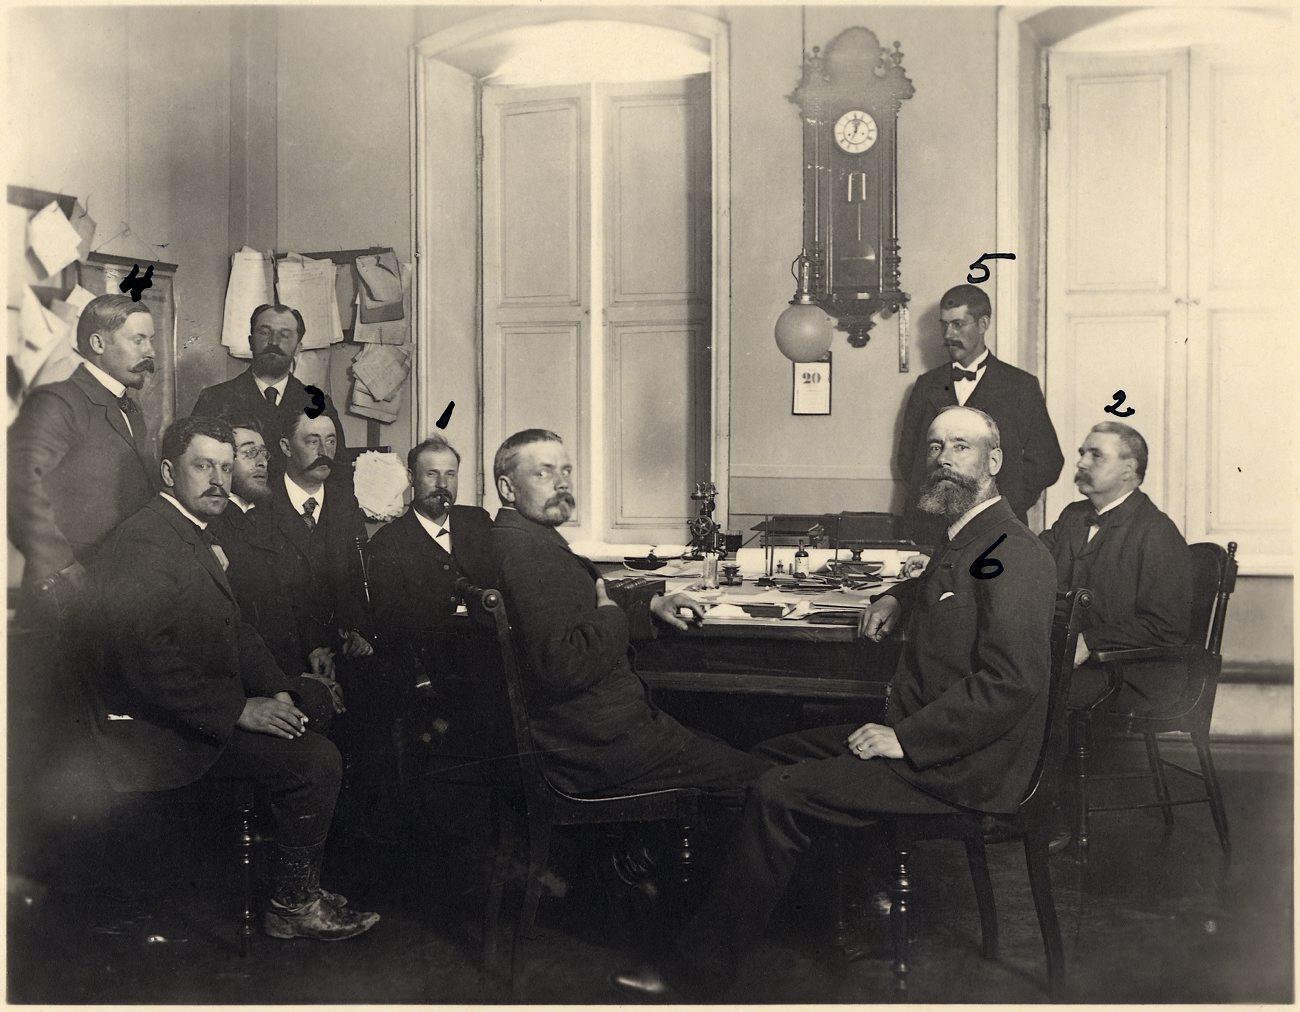 0_ec9a6_103d61bd_origРоберт и Людвиг Нобели со своими сотрудниками в Баку